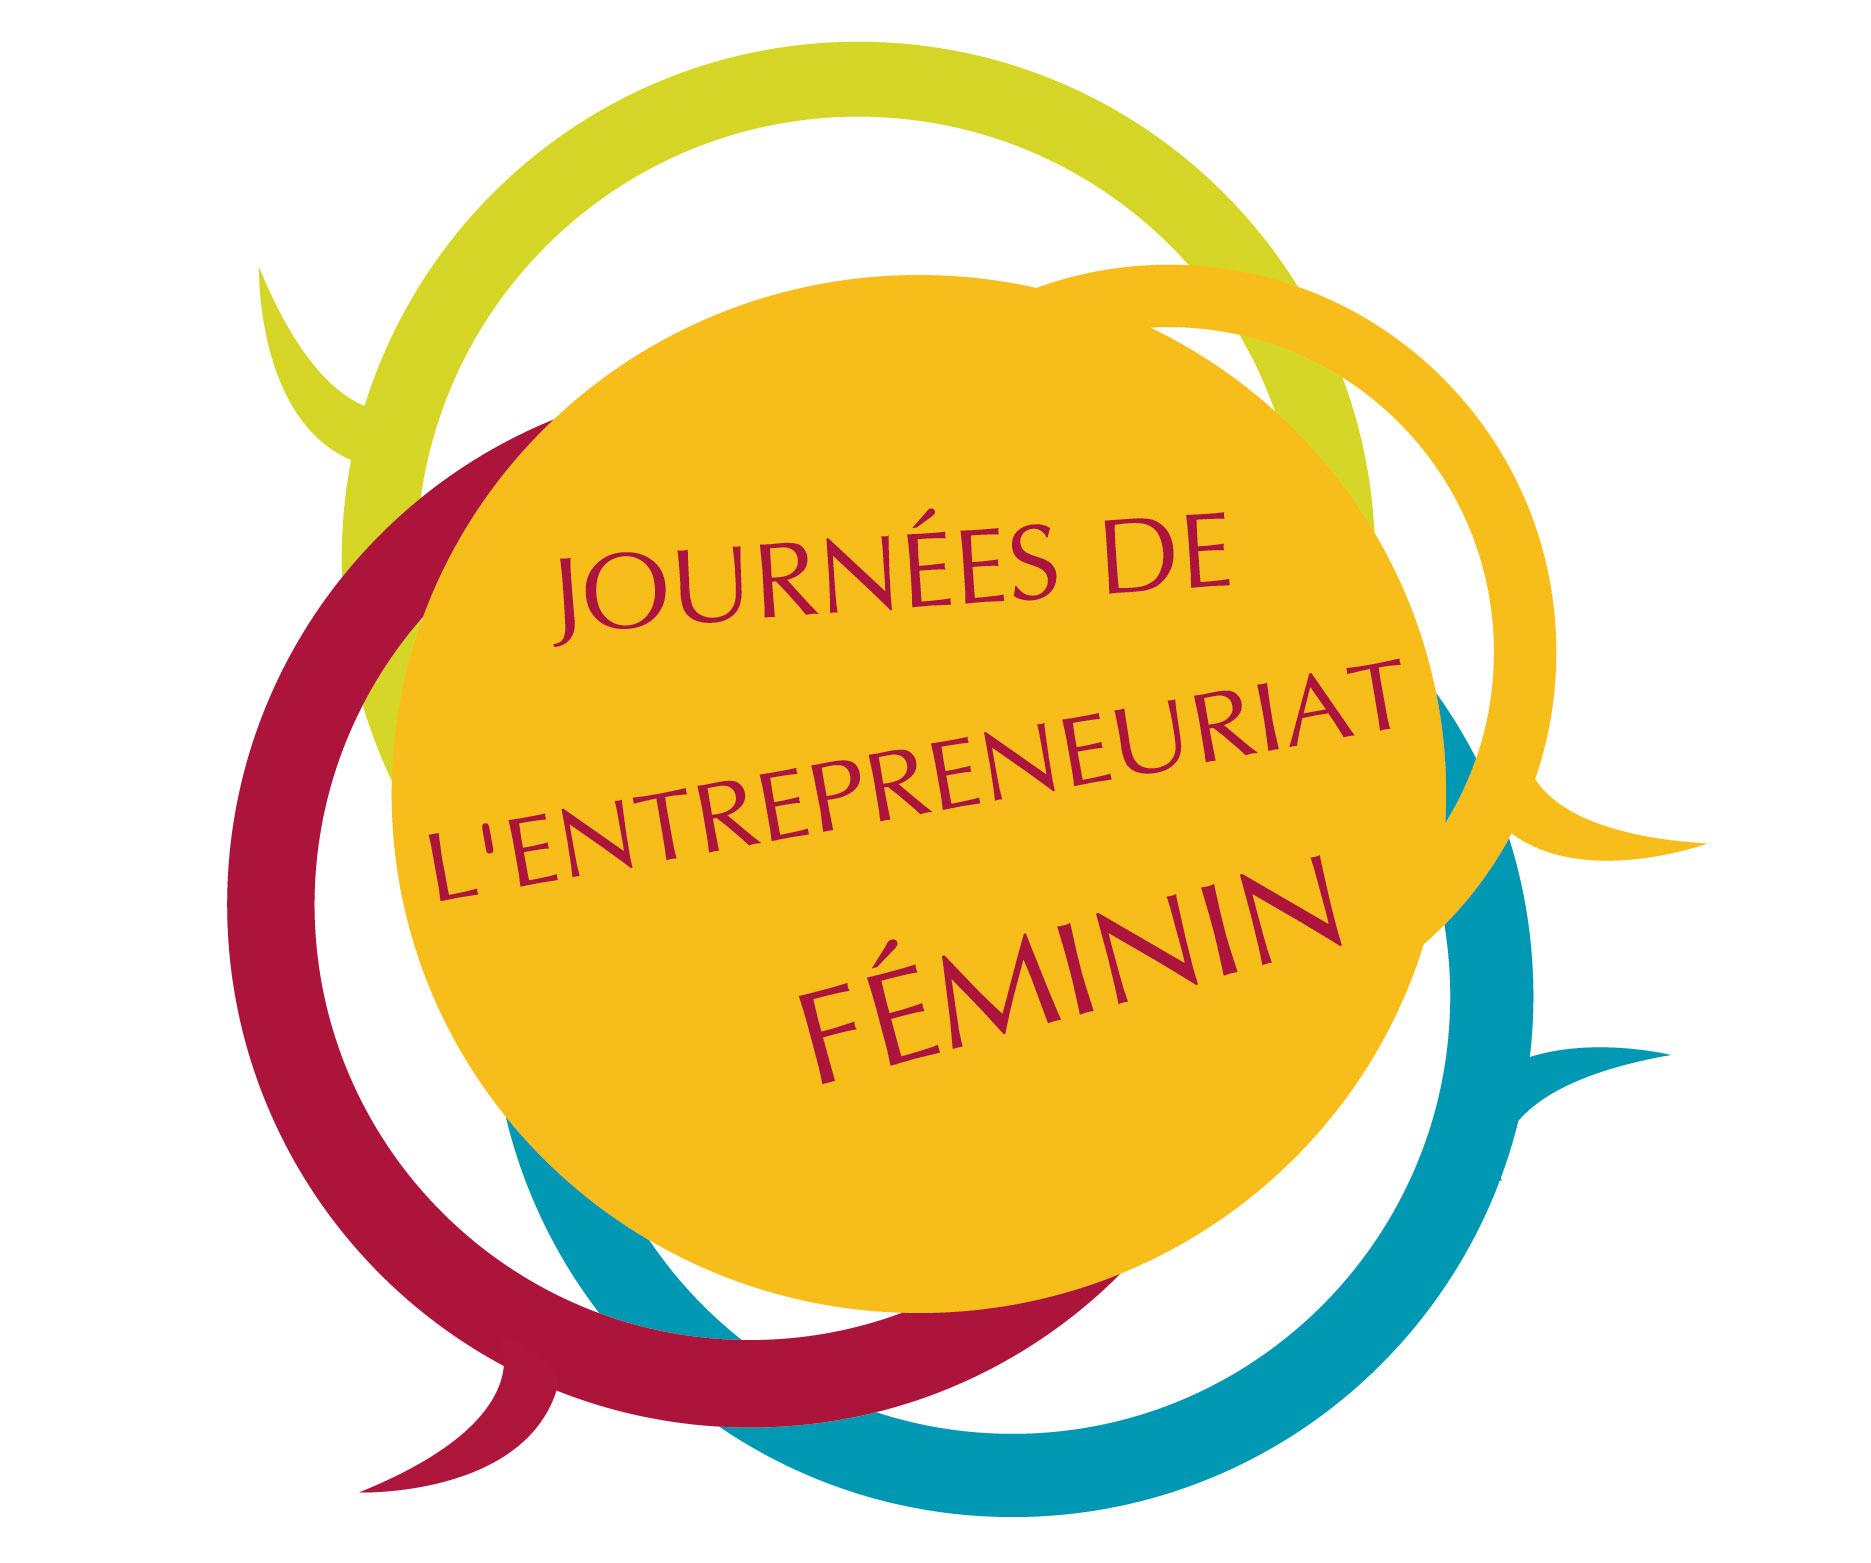 Logo des Journées de l'Entrepreneuriat Féminin 2014